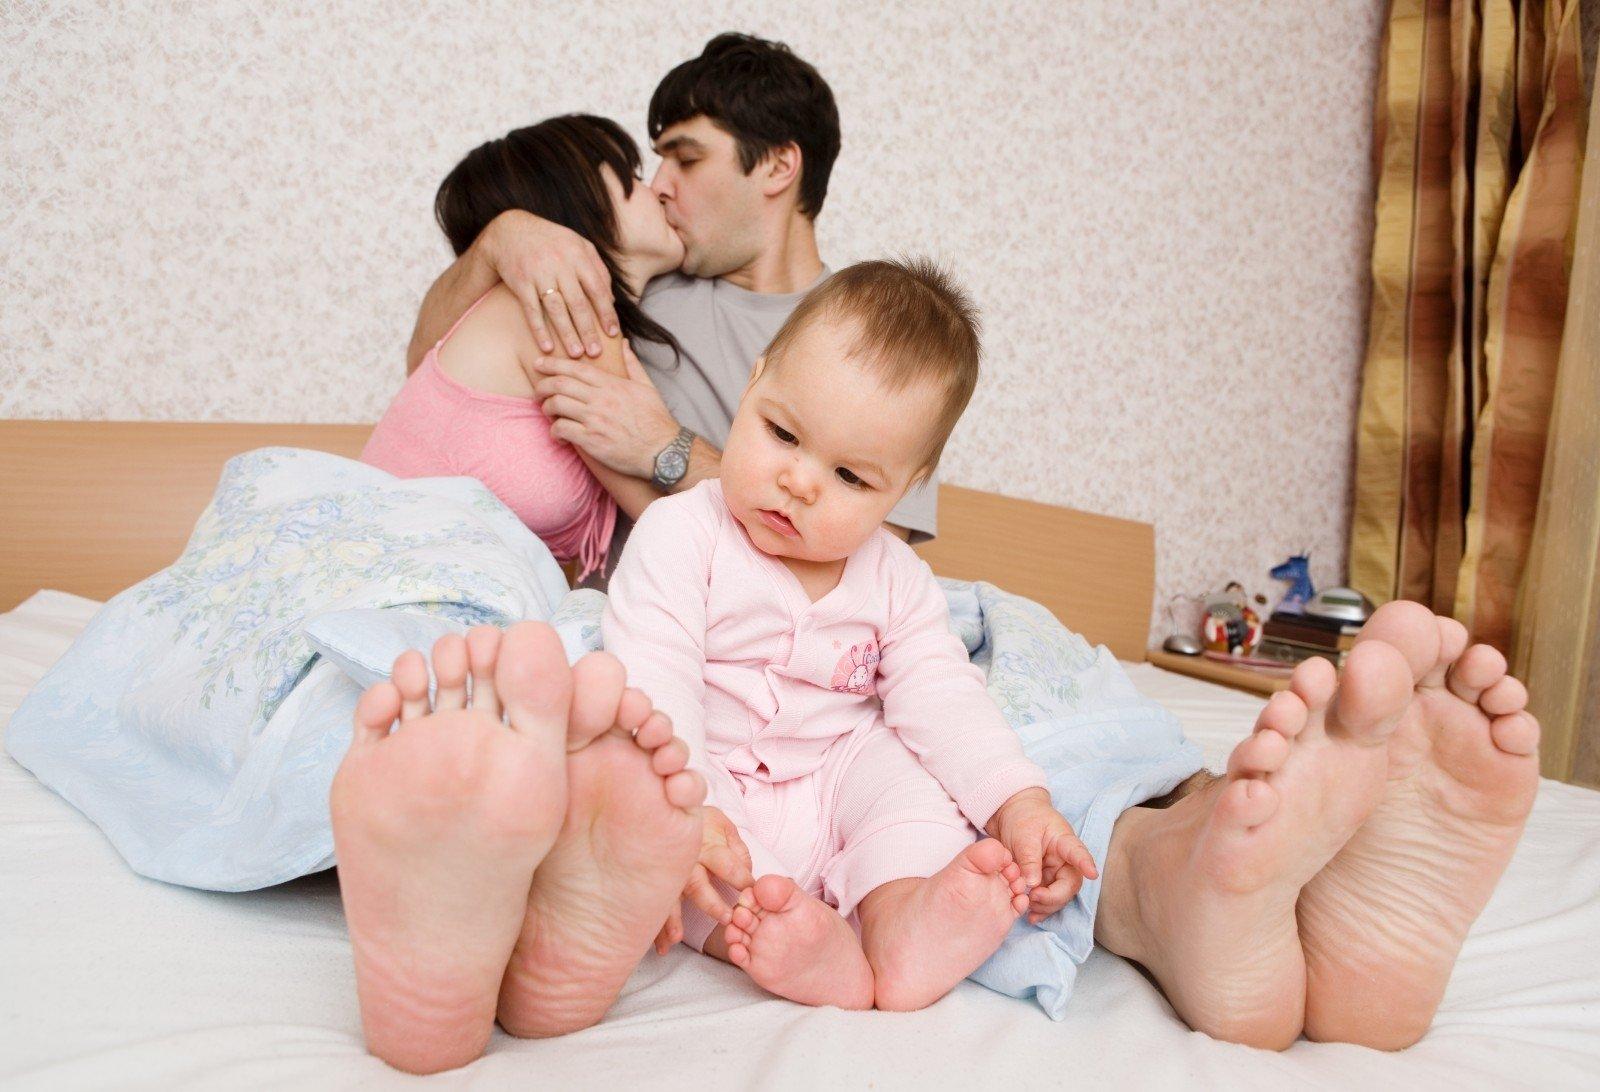 Quando Inizia A Gattonare Neonato bambino di 14 mesi non cammina ancora: cosa fare? i consigli